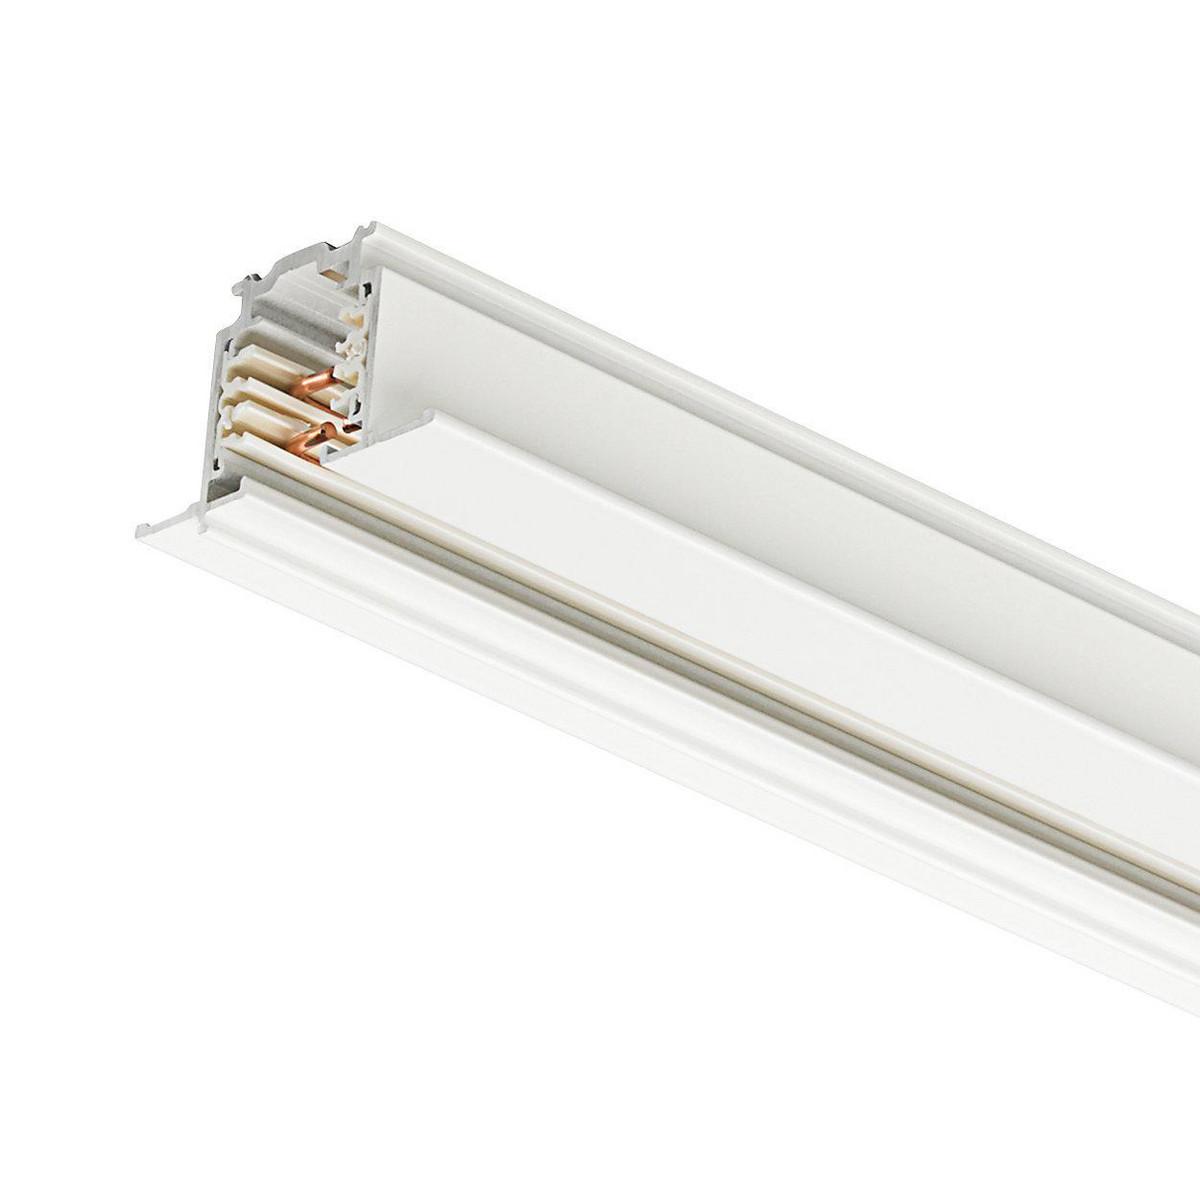 GLOBAL XTSCF6200-3 Strømskinne (Indbyg) DALI 2M Hvid